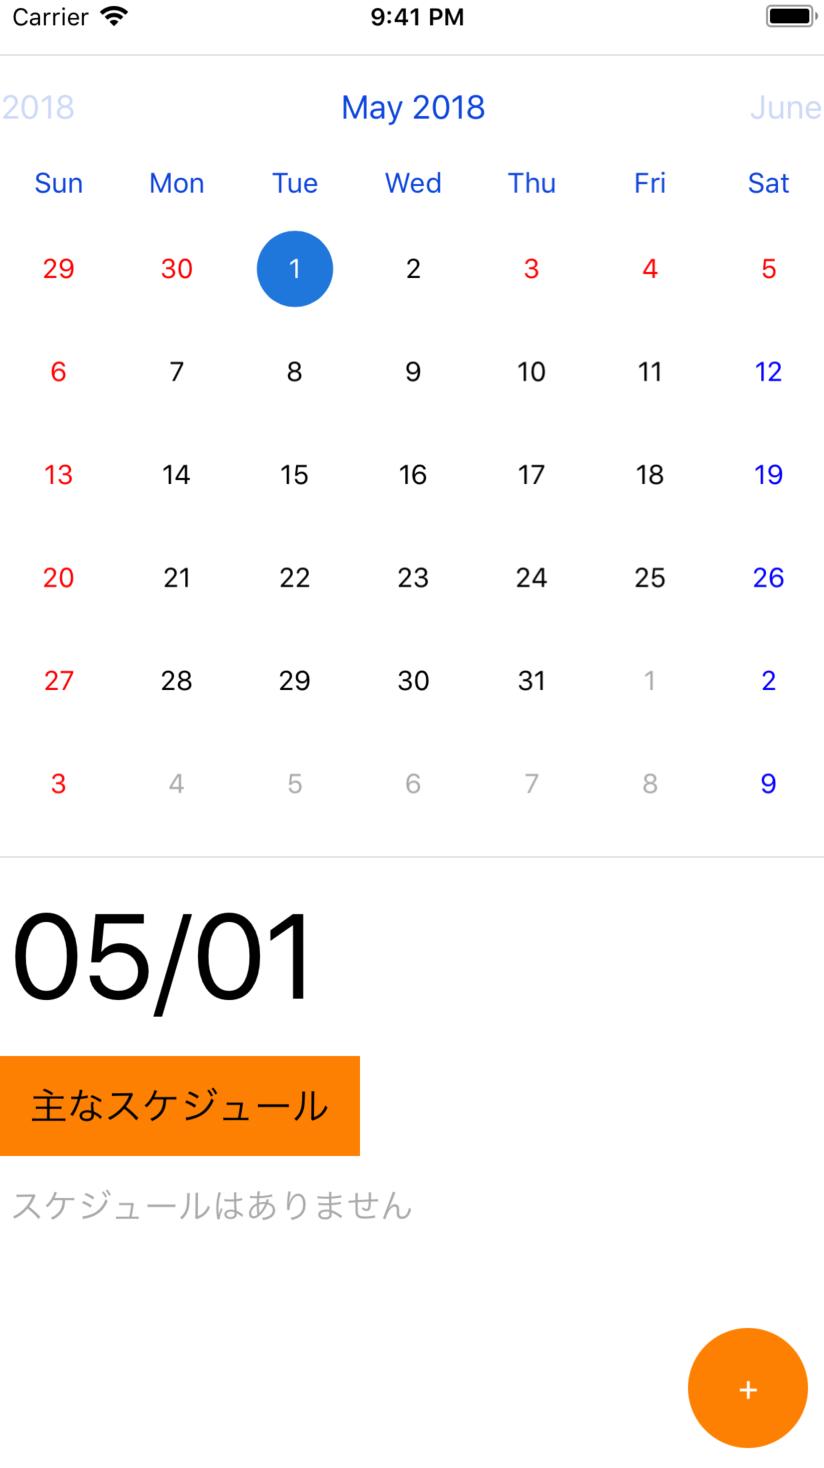 スクリーンショット 2018-05-04 21.41.17.png